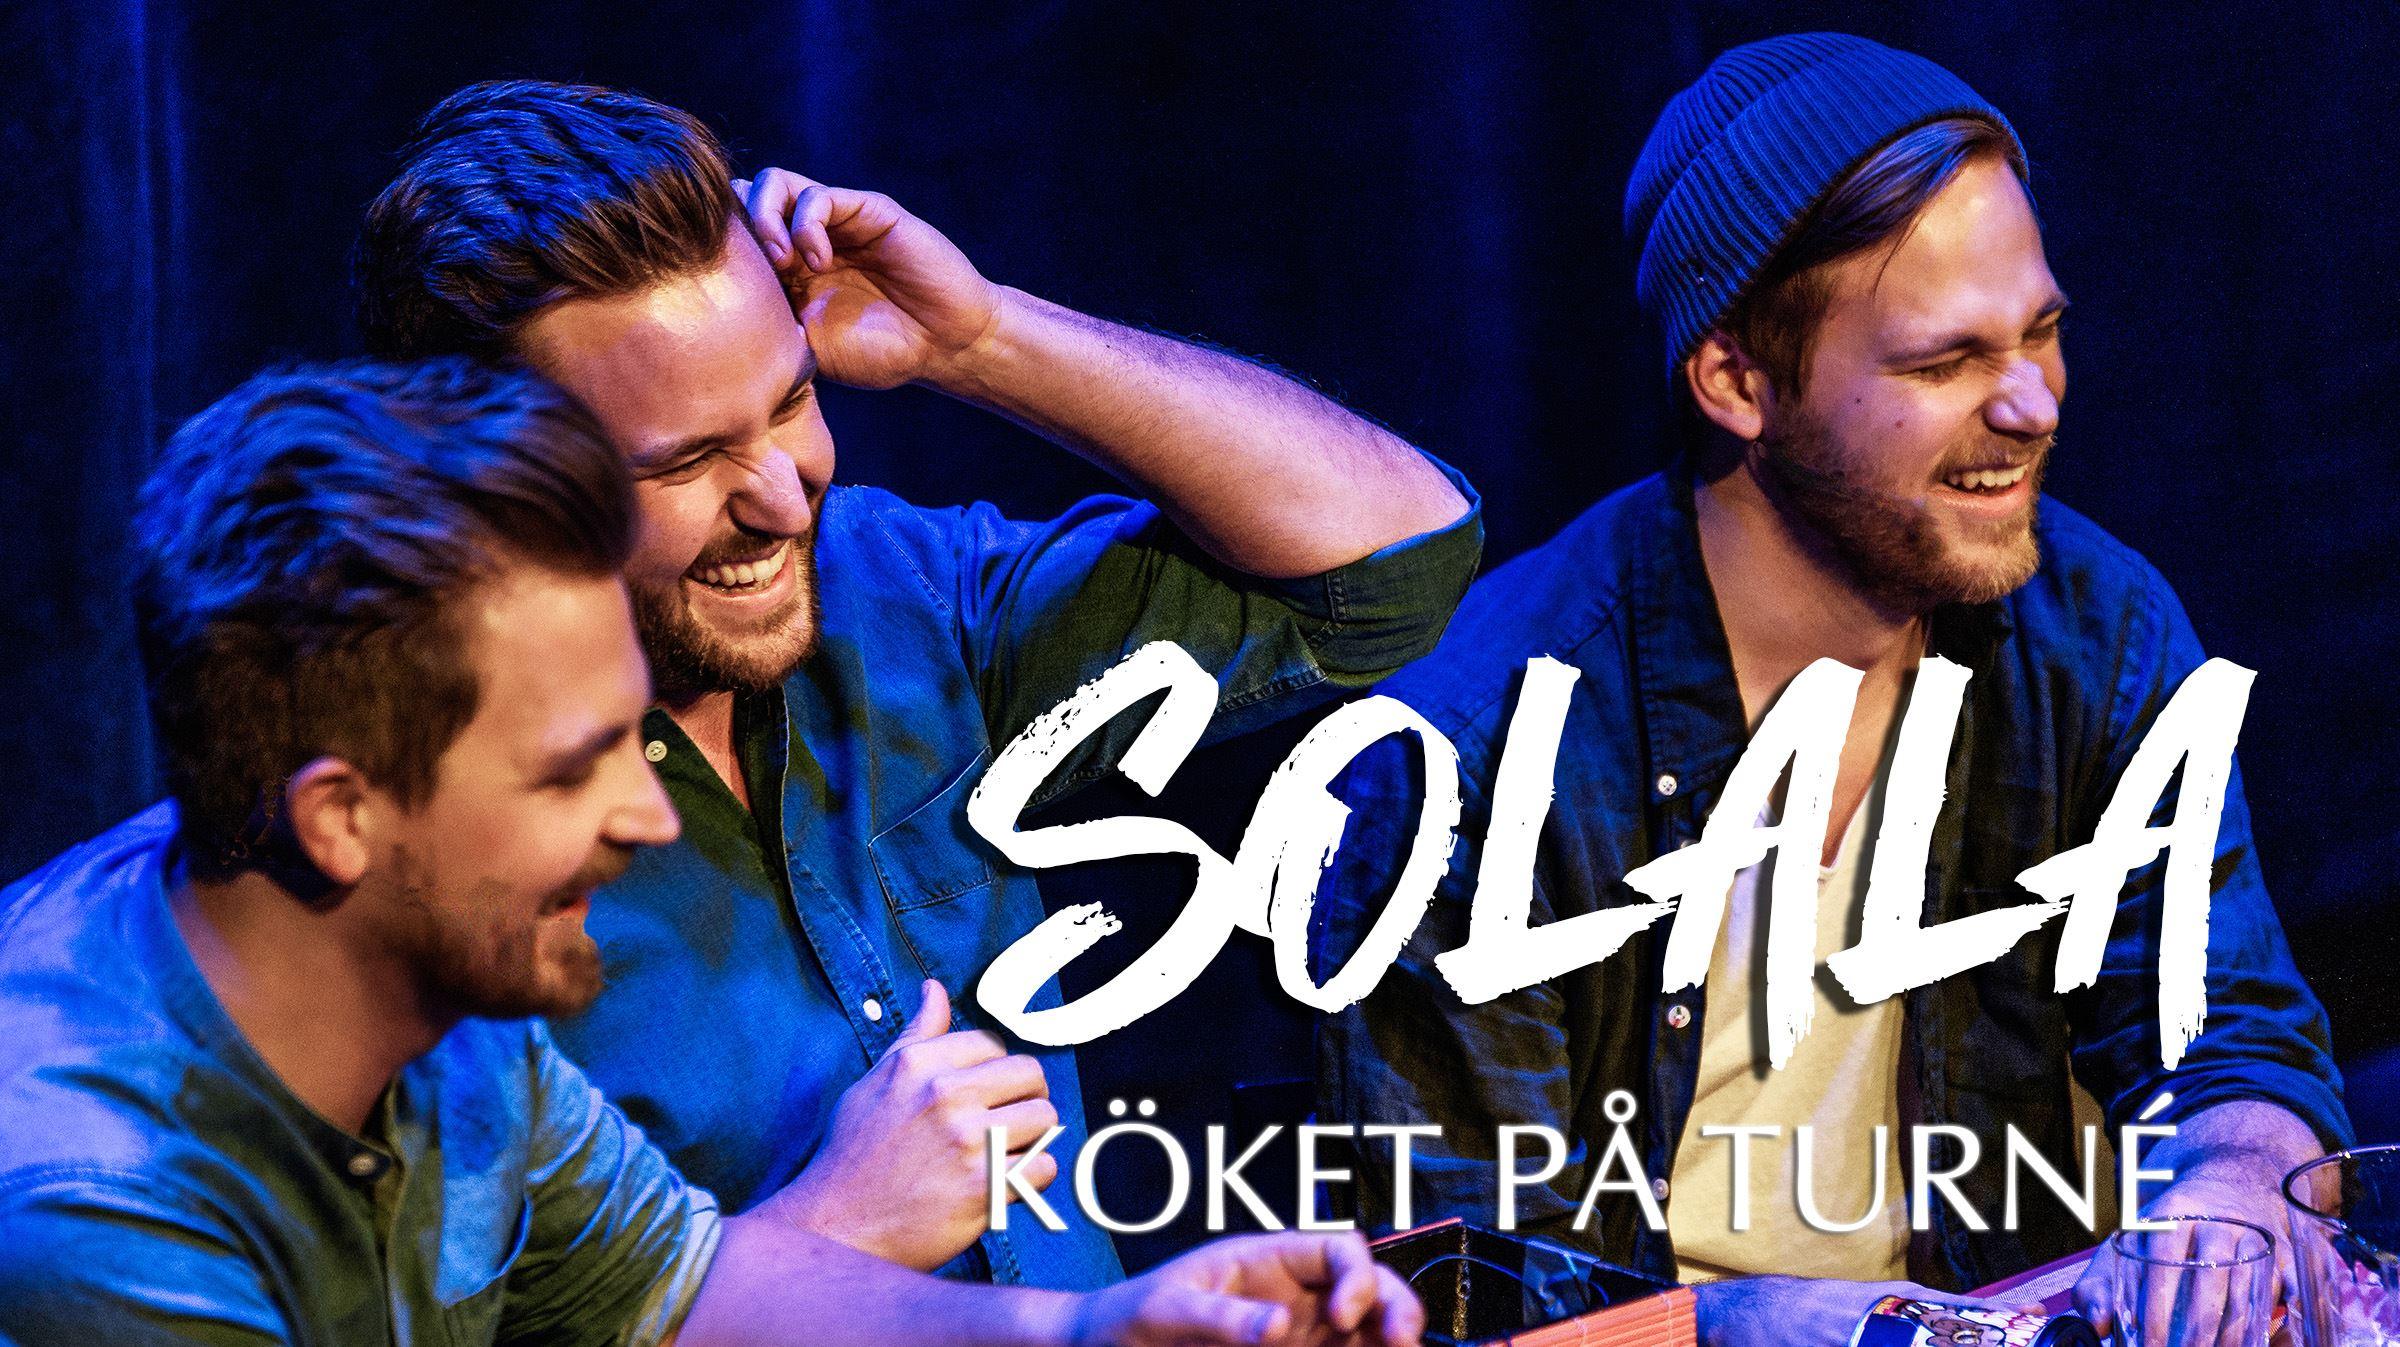 Solala - köket på turné